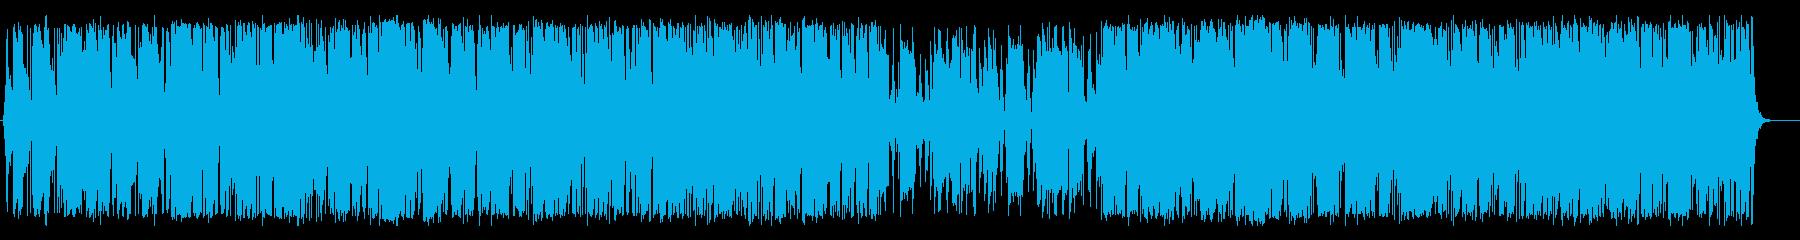 開放的・情熱的でおしゃれなラテンBGMの再生済みの波形